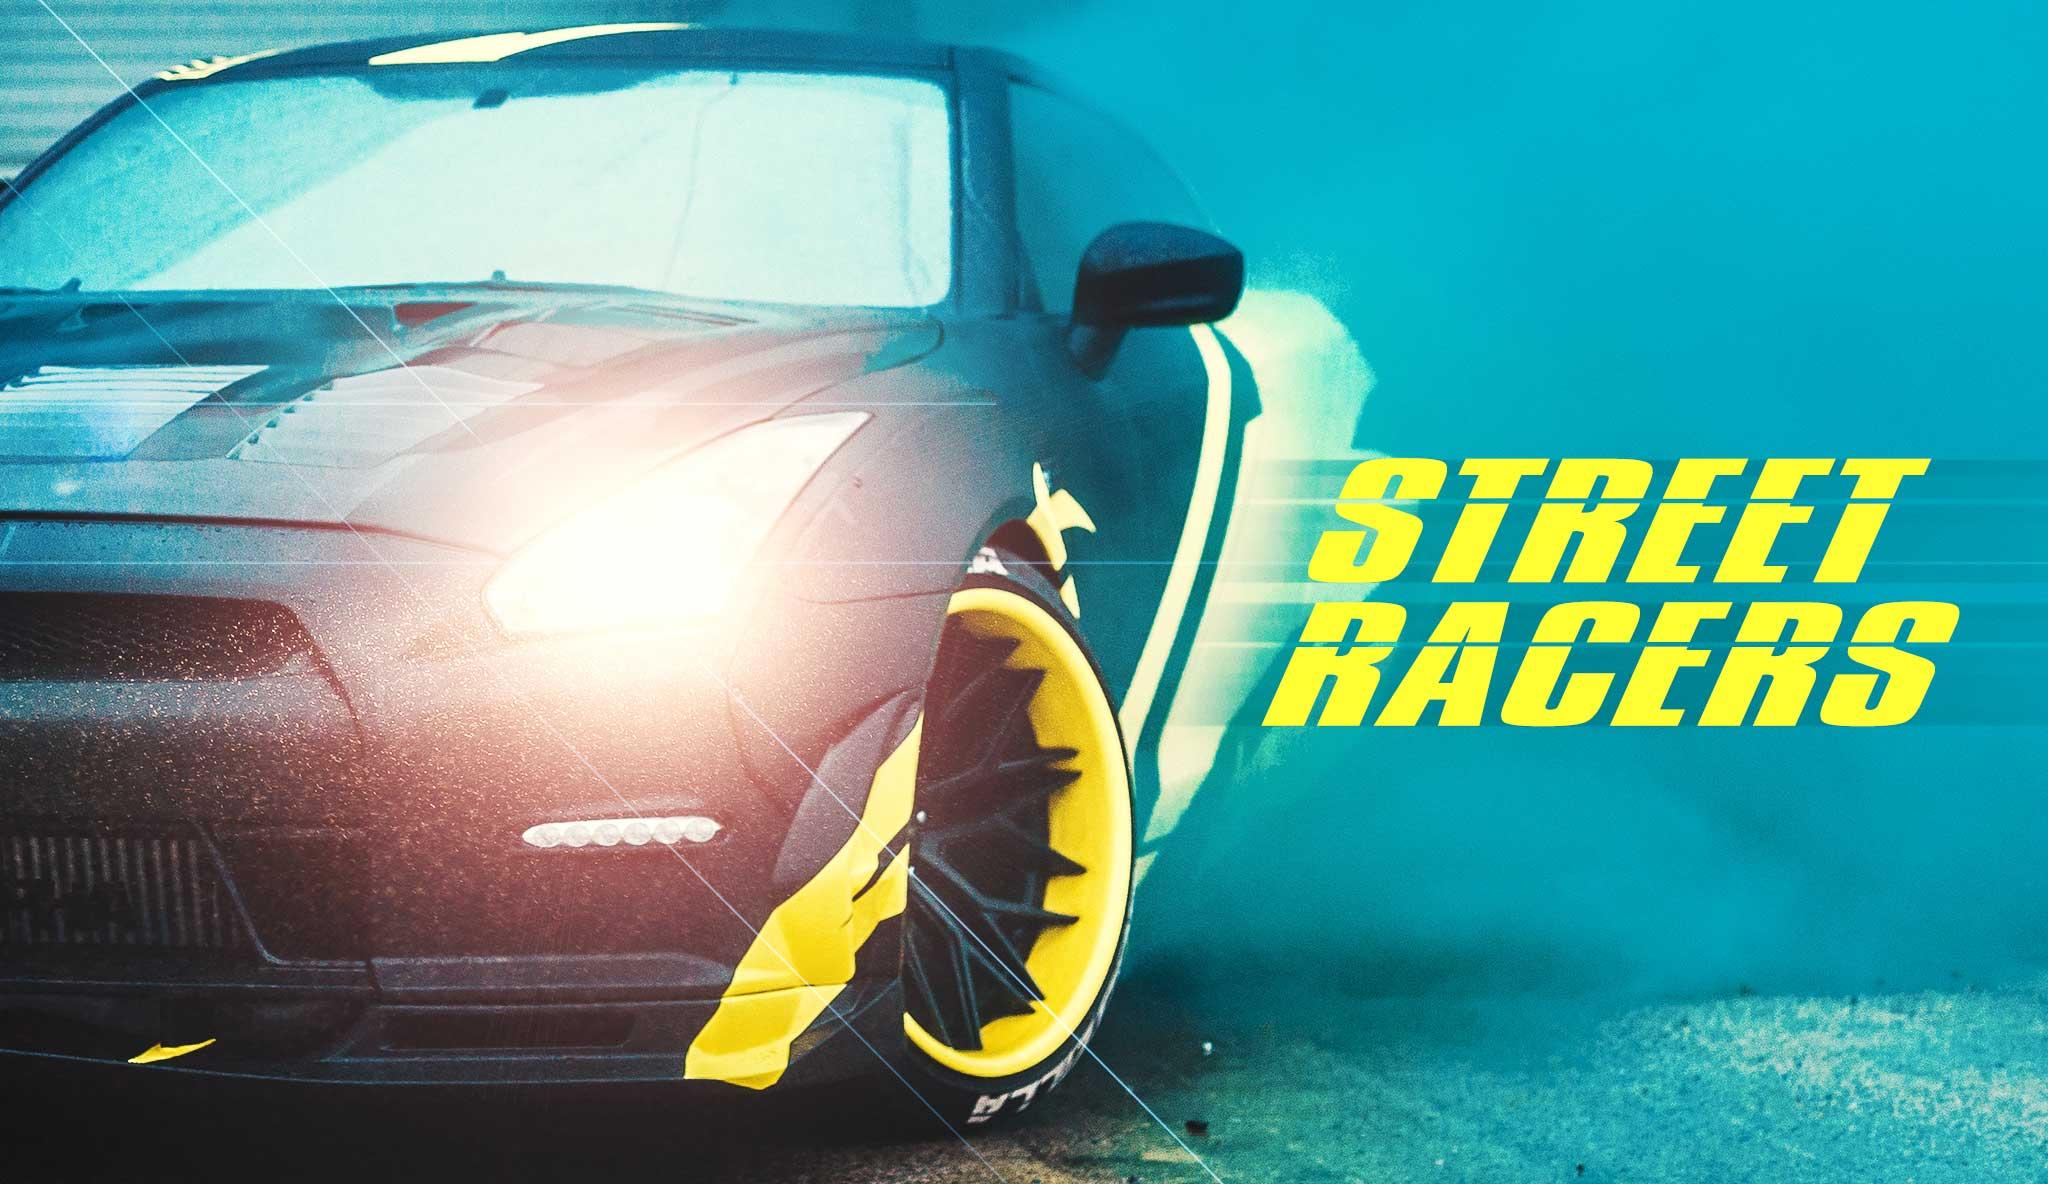 street-racer\header.jpg